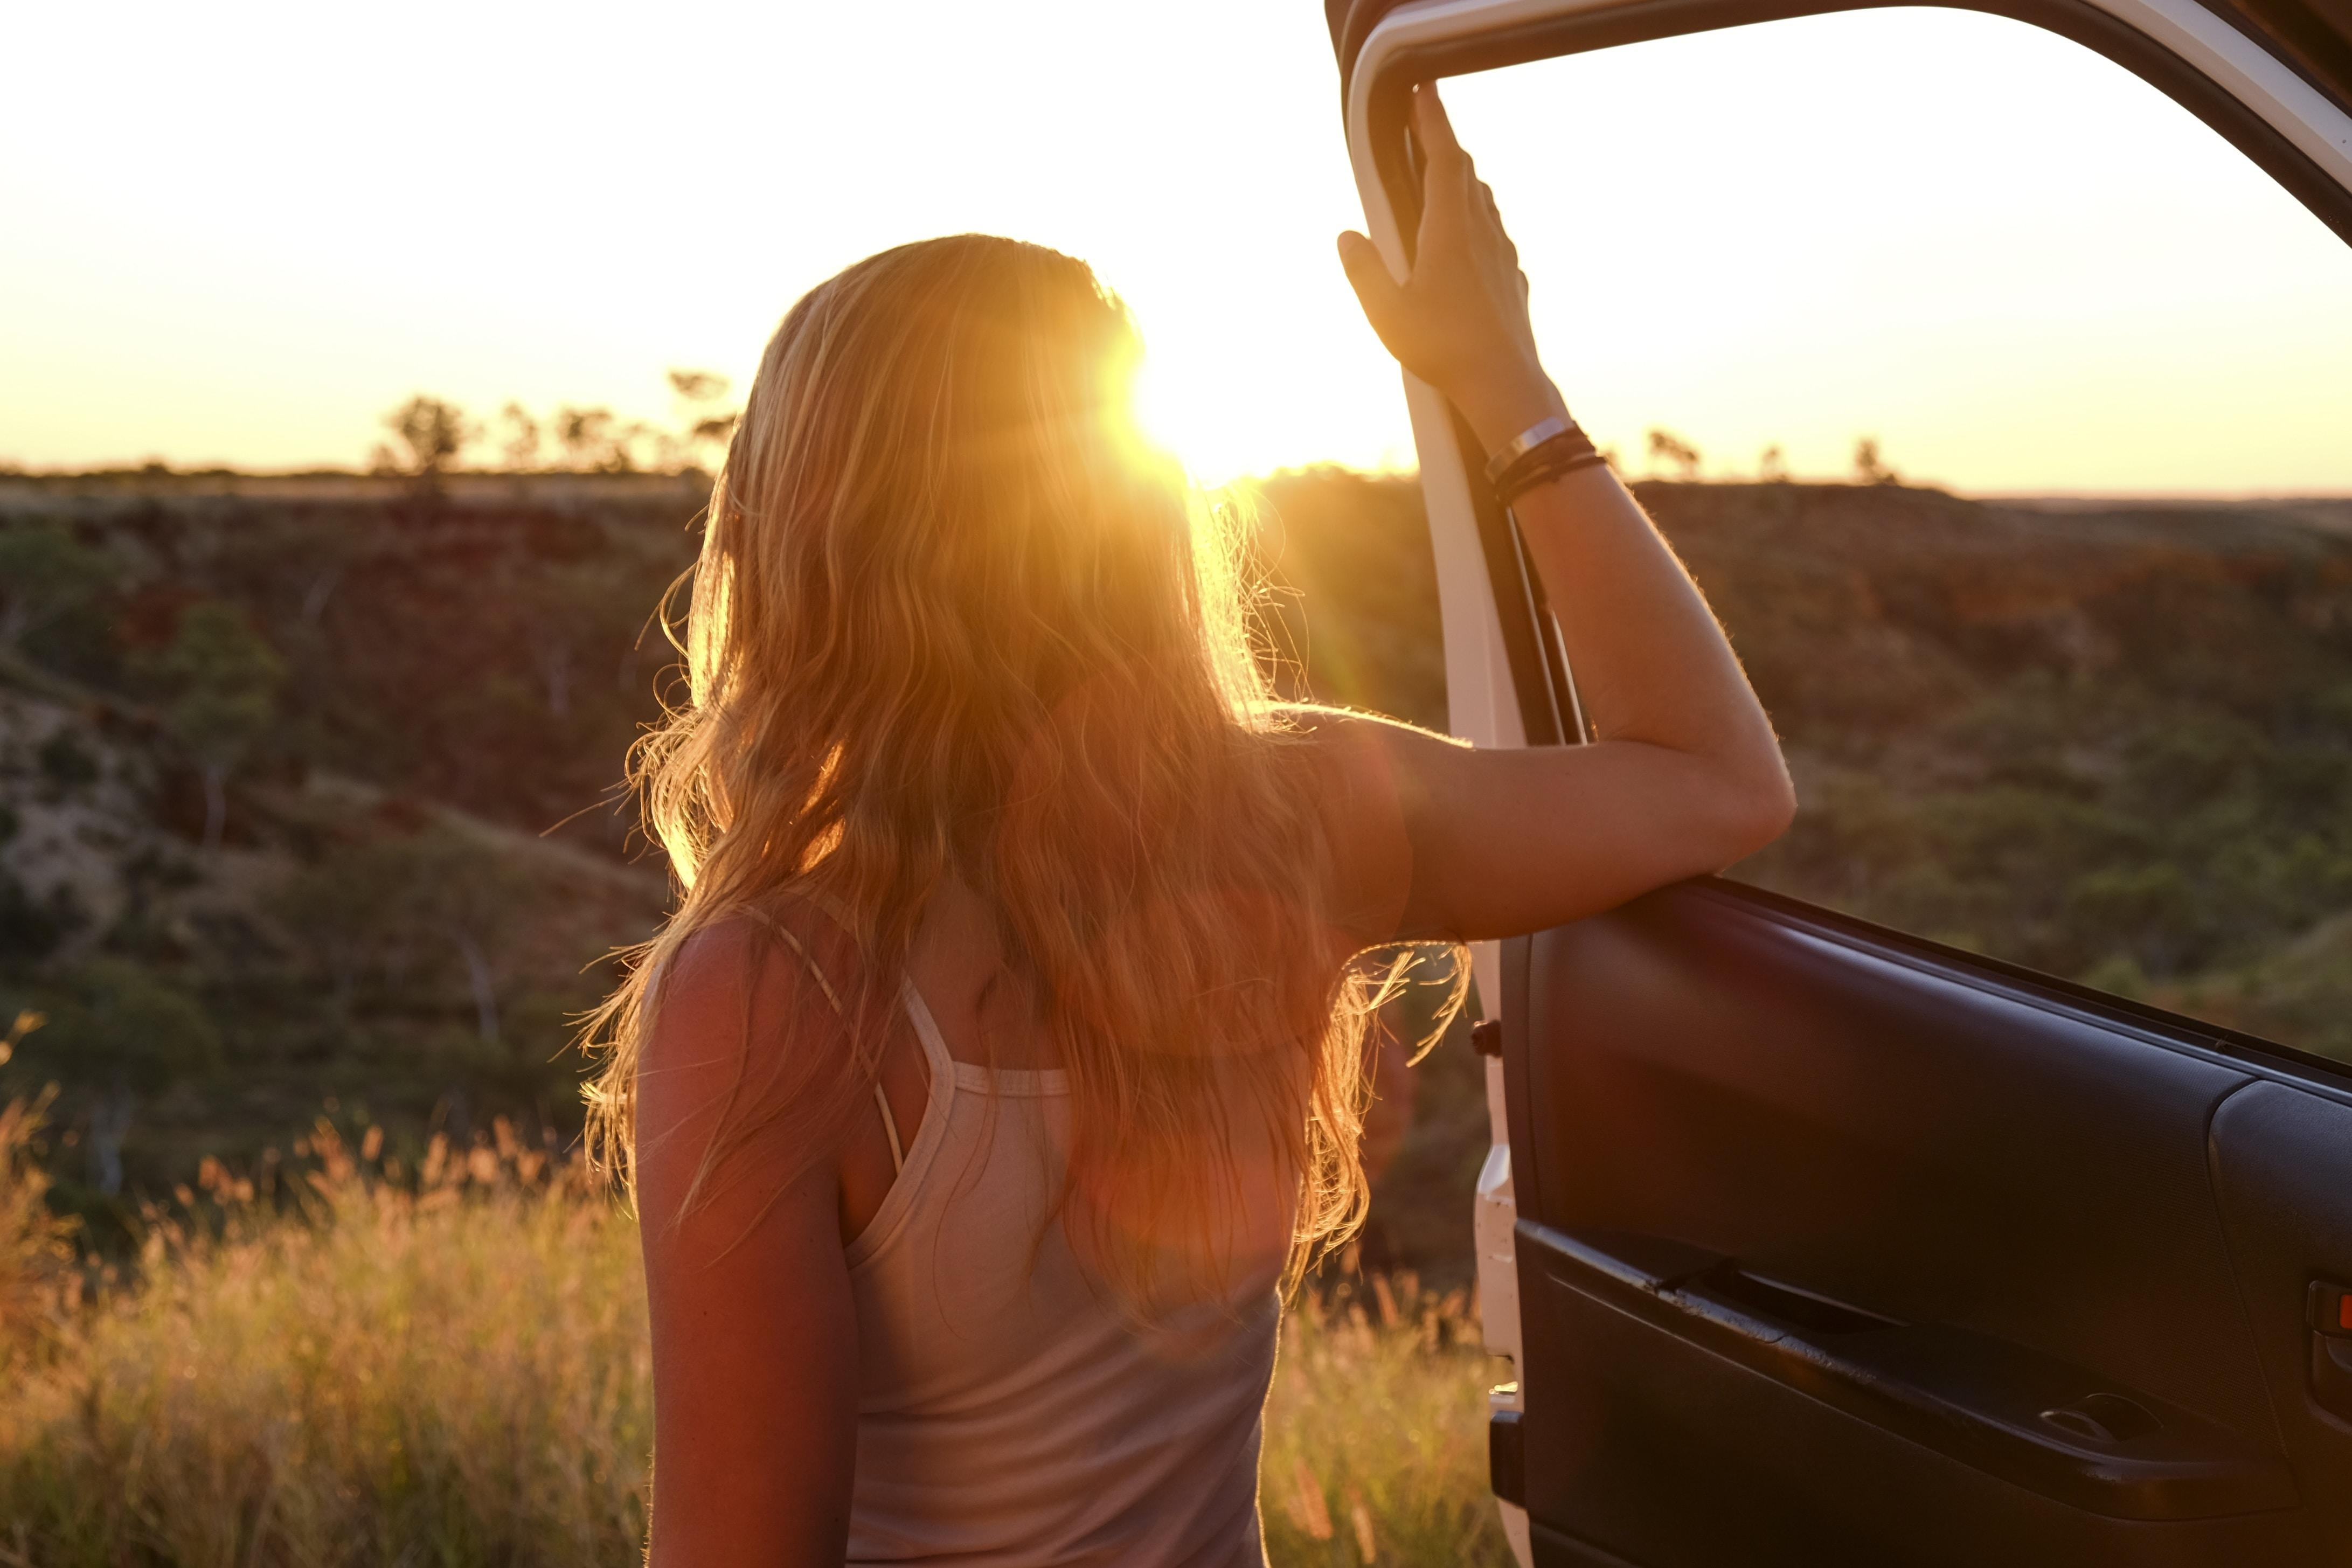 woman holding vehicle door